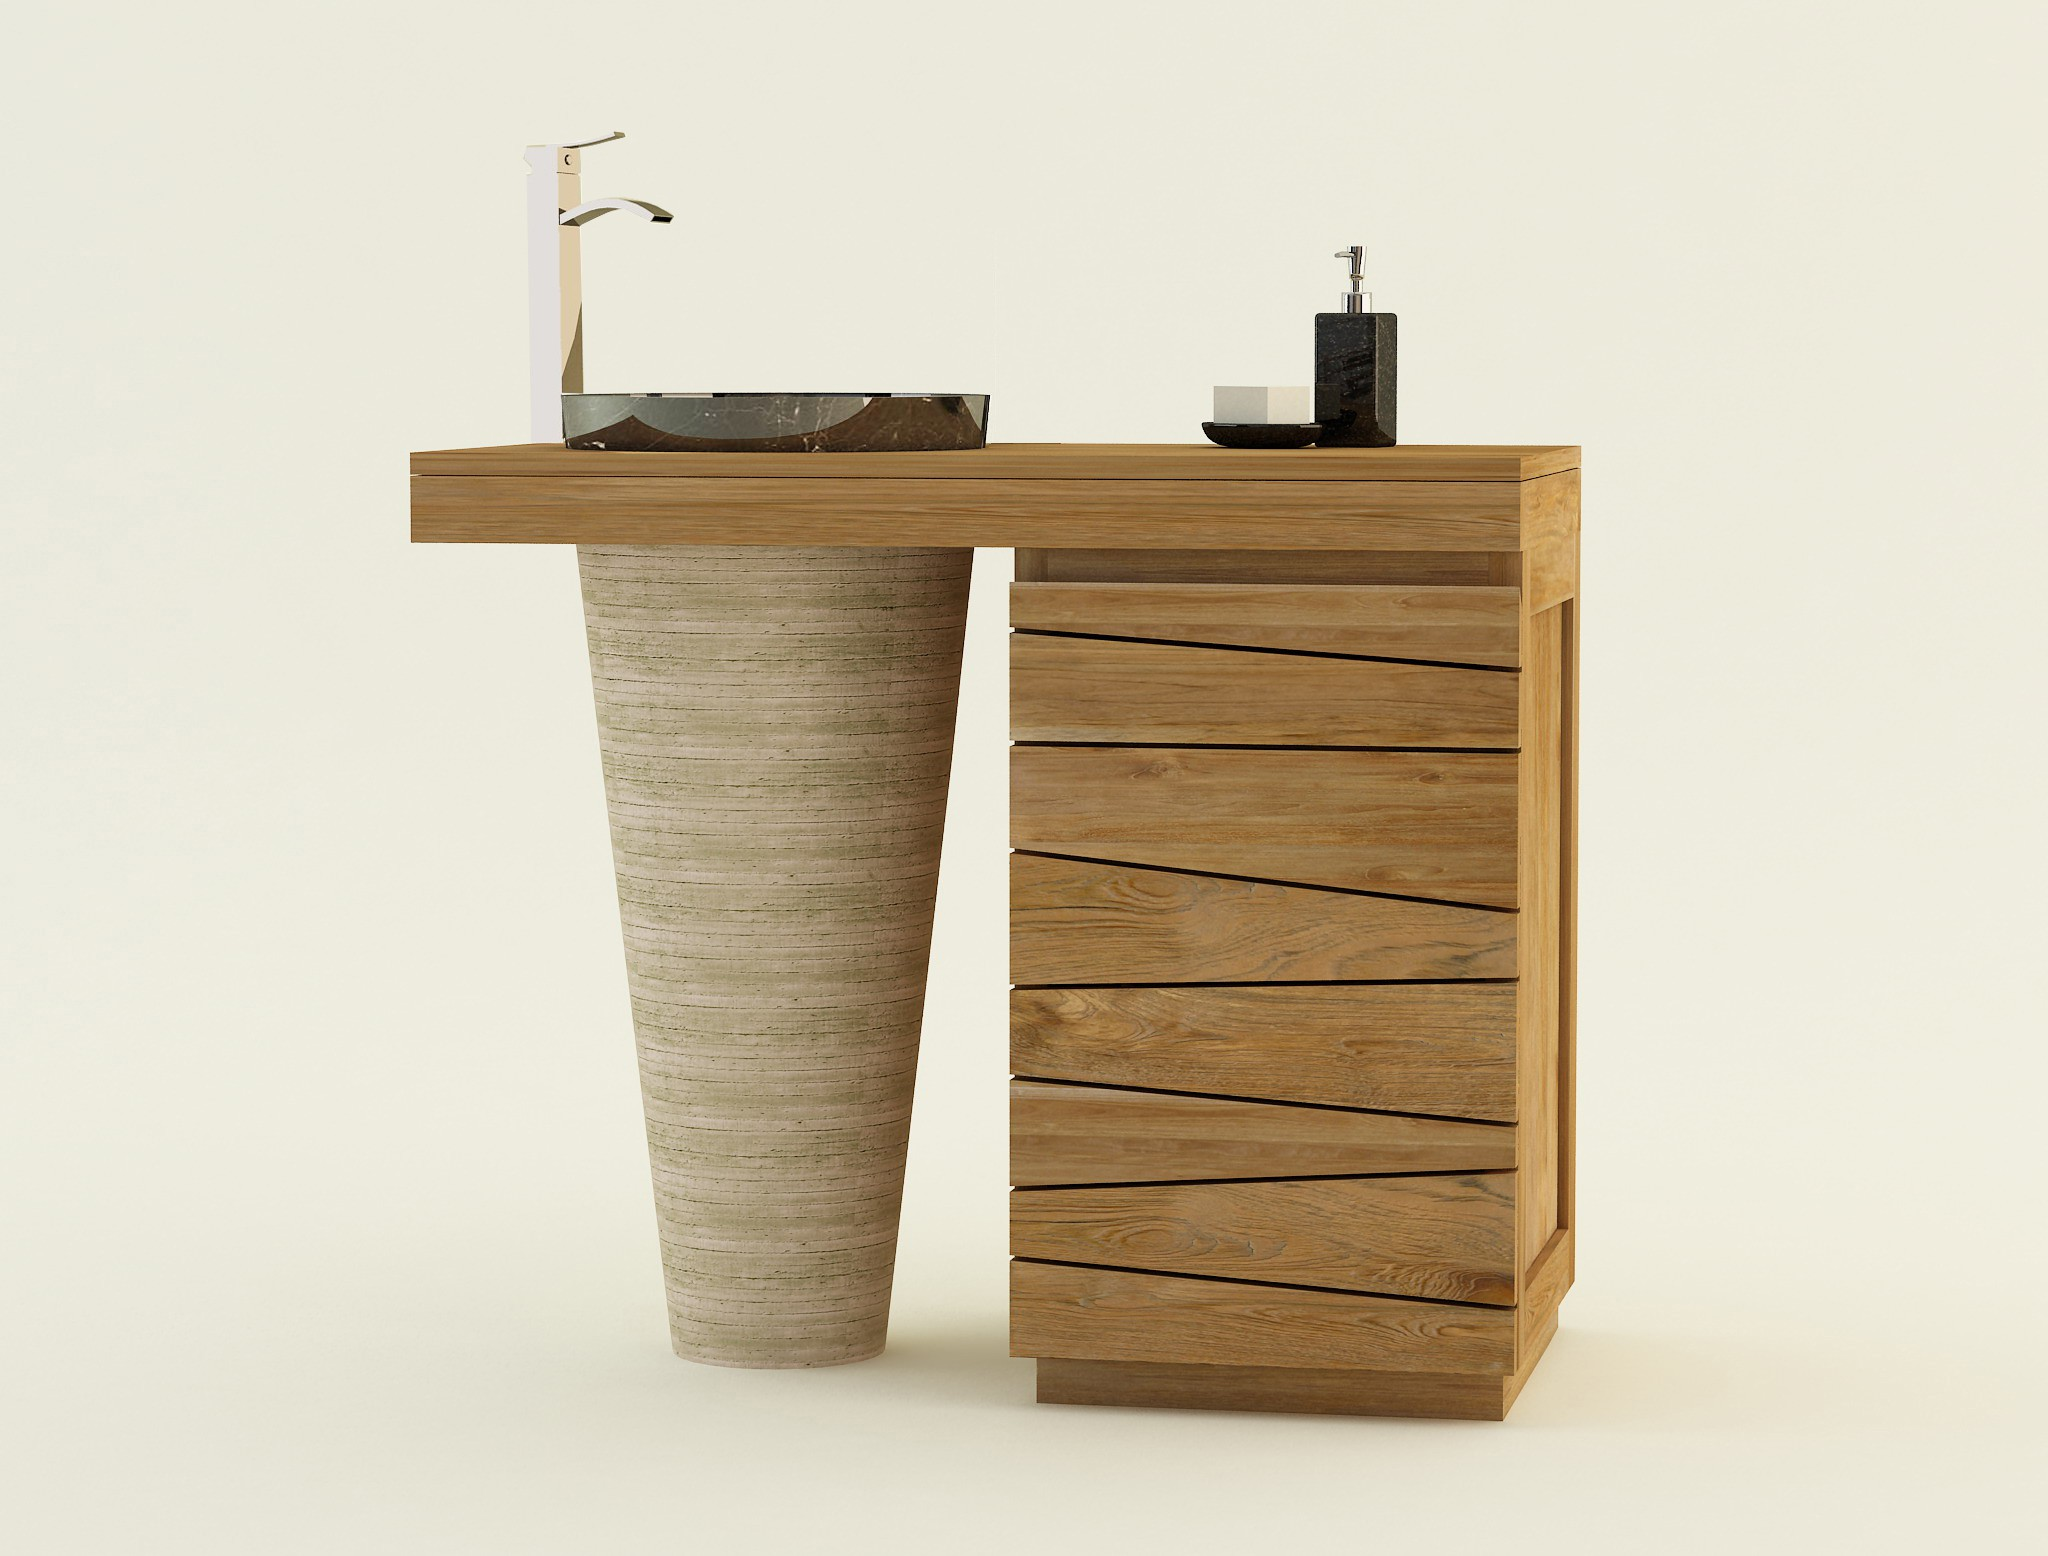 meuble de salle de bain teck contemporain créé par kayumanis ... - Meuble Salle De Bains Teck